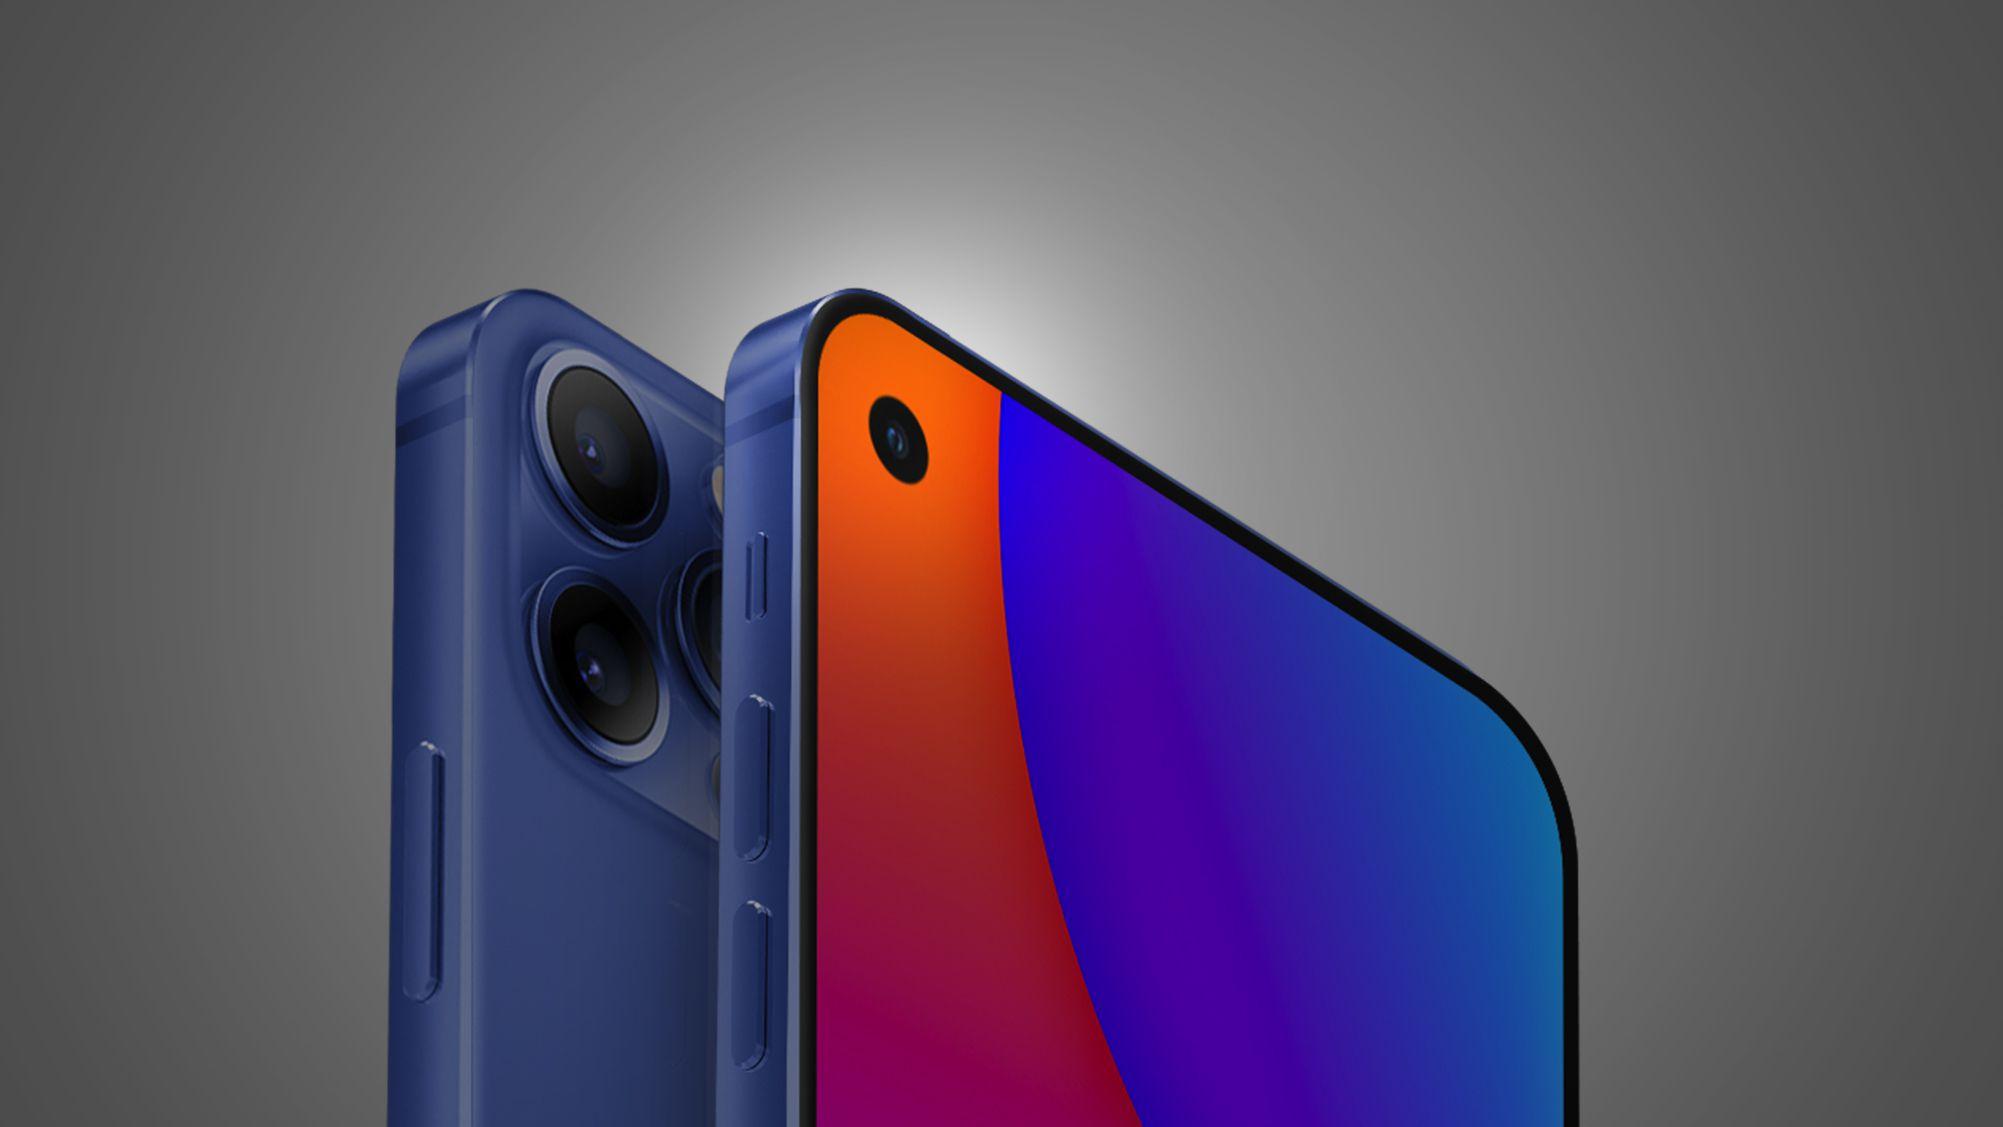 iPhone 14 senza Notch: avrà fotocamera hole-punch